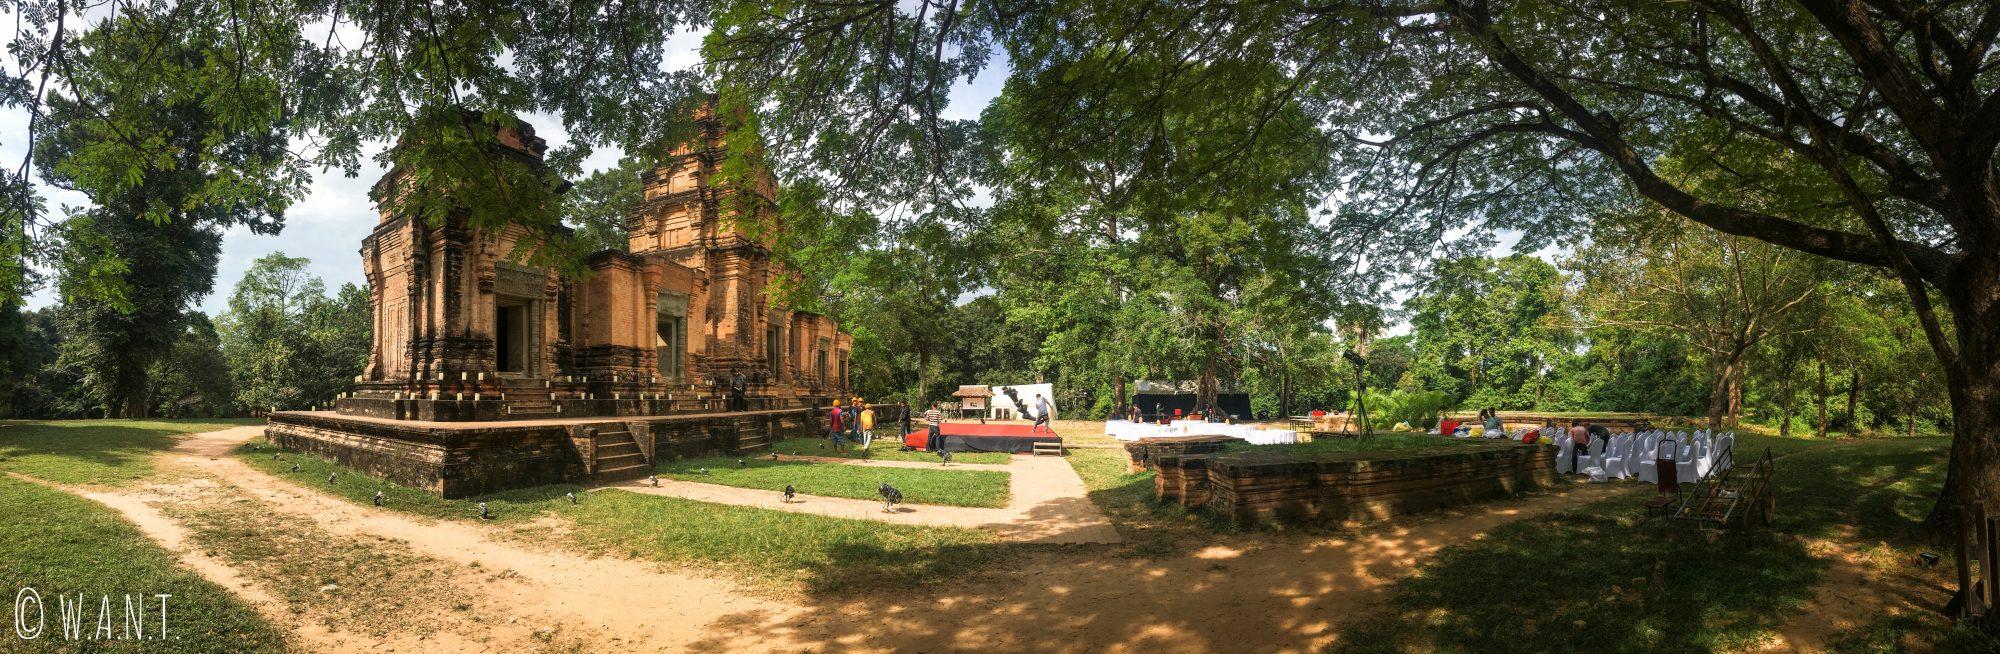 Panorama du temple Prasat Kravan sur le site archéologique d'Angkor